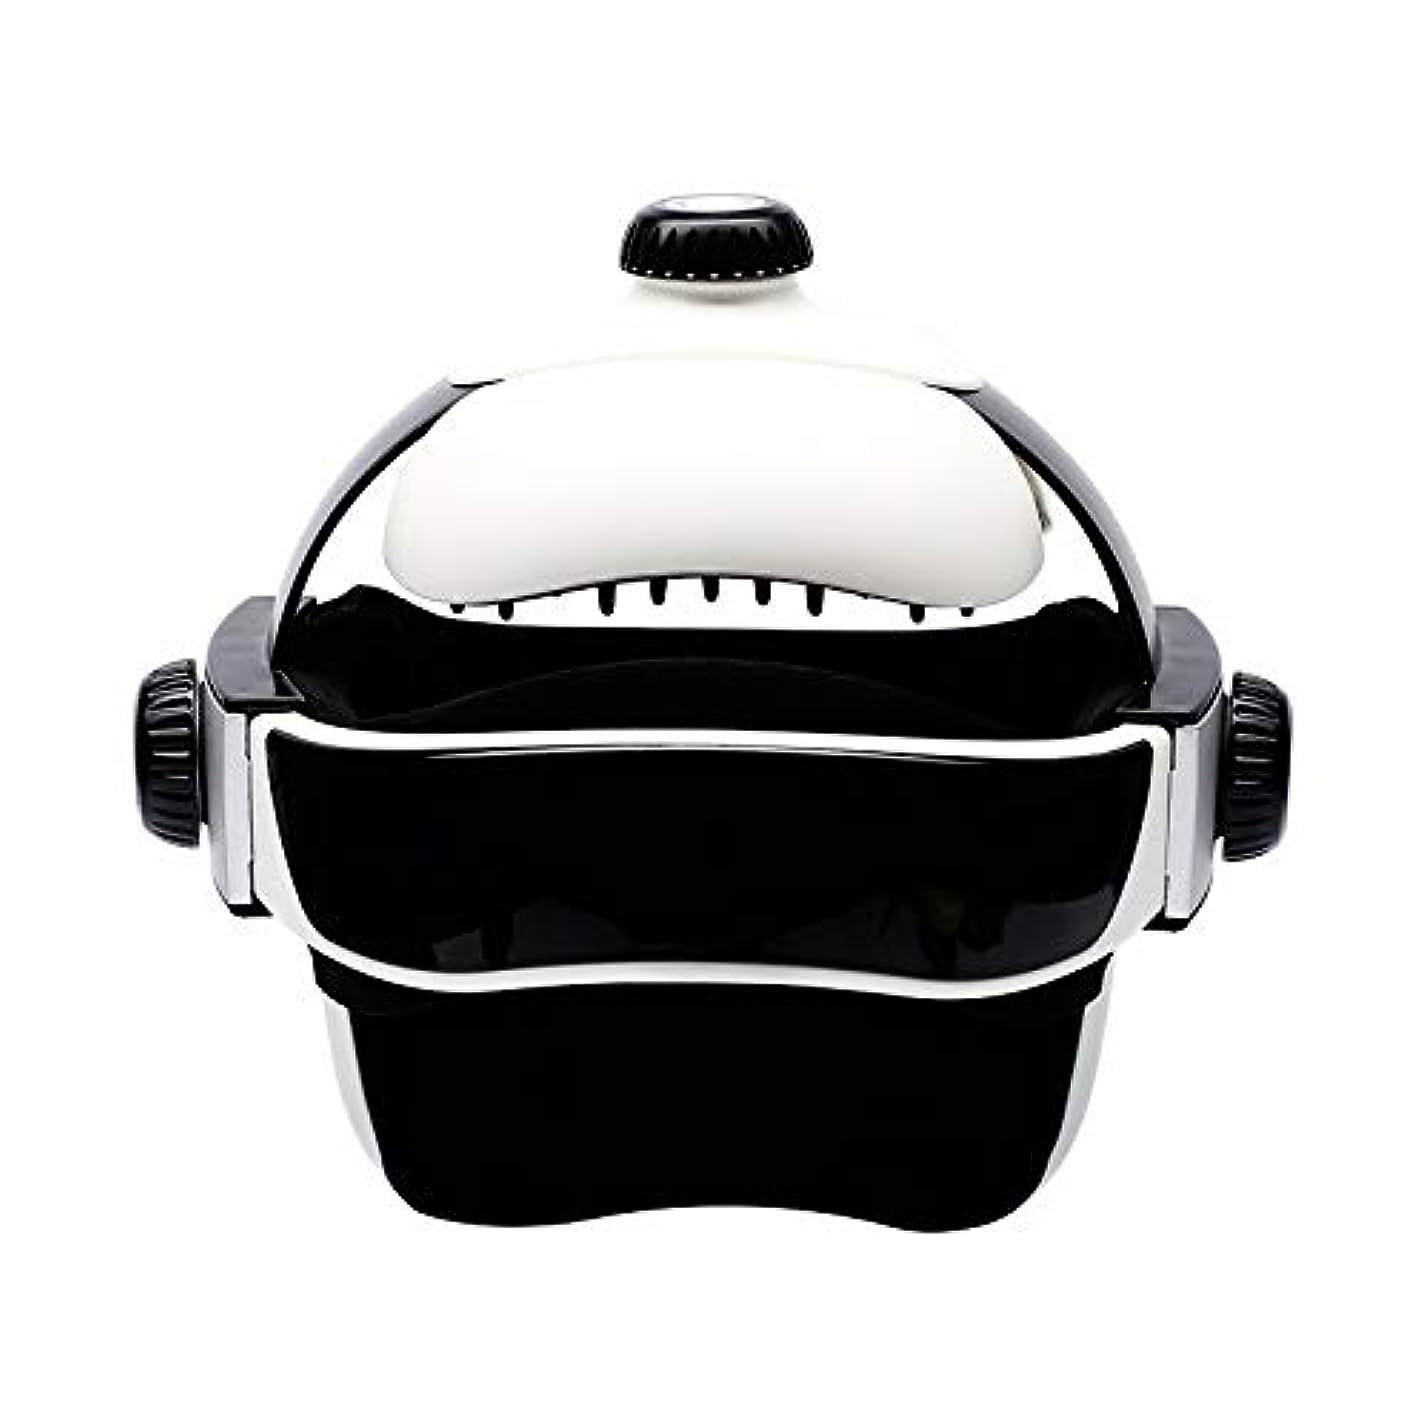 ロードされた誇張ジョージバーナードヘルメットの電動が機能している頭皮は同じタイプのマッサージ器です [並行輸入品]